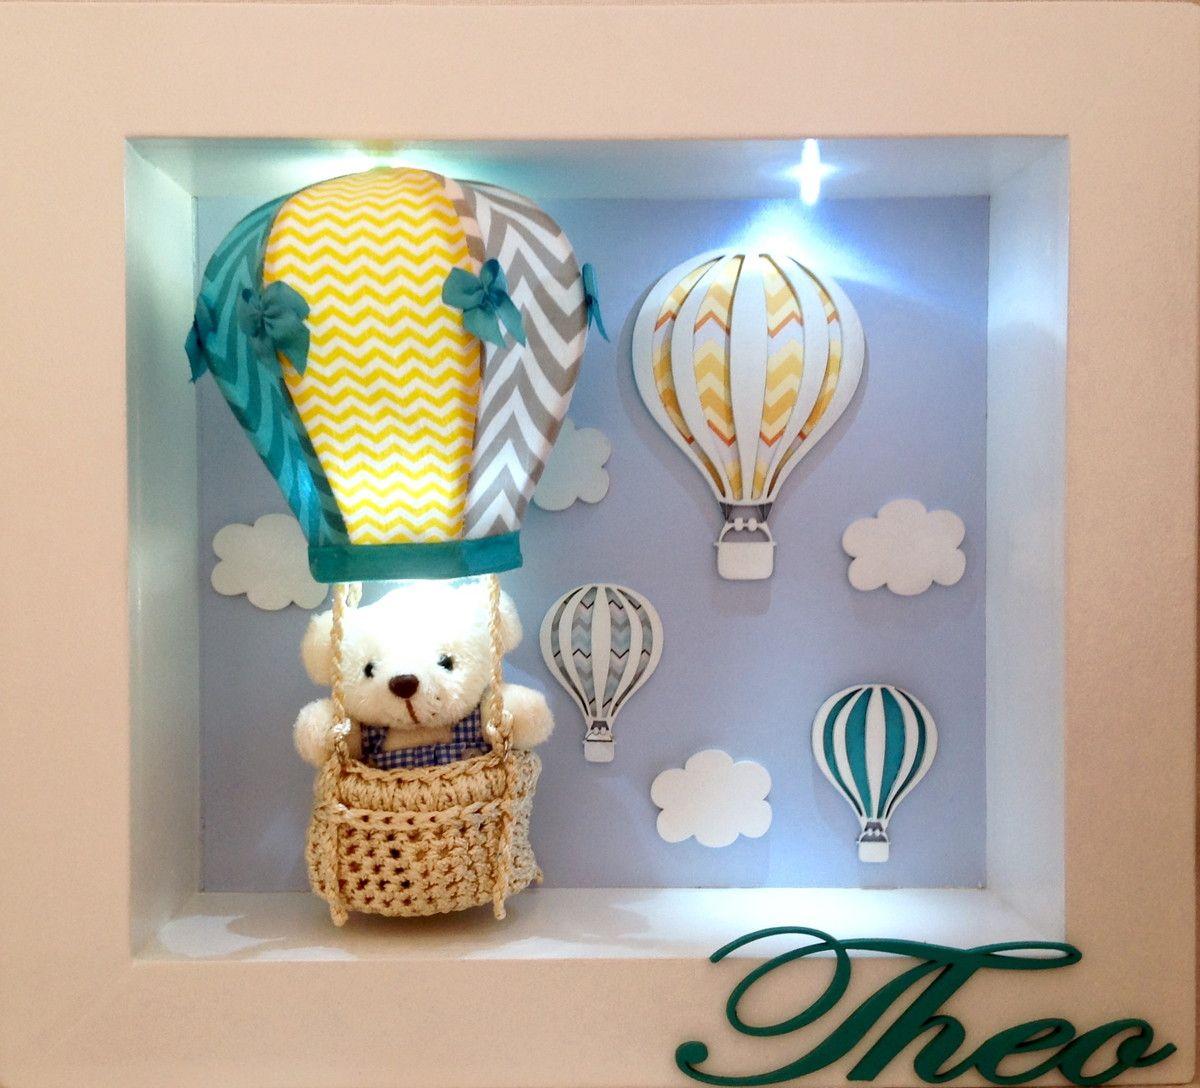 Enfeite para porta de maternidade e para quarto de menino. Balão de ar  quente feito com tecido e possui LED dentro. Garantia  3 meses b95a527267c38